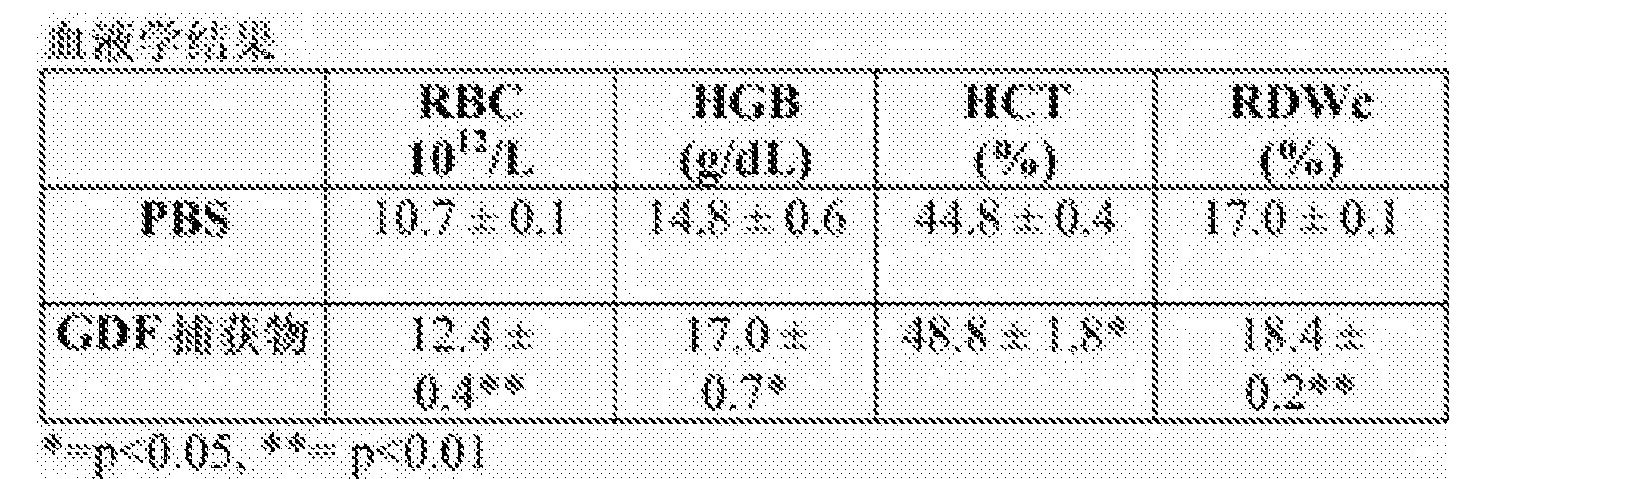 Figure CN103987403BD00512